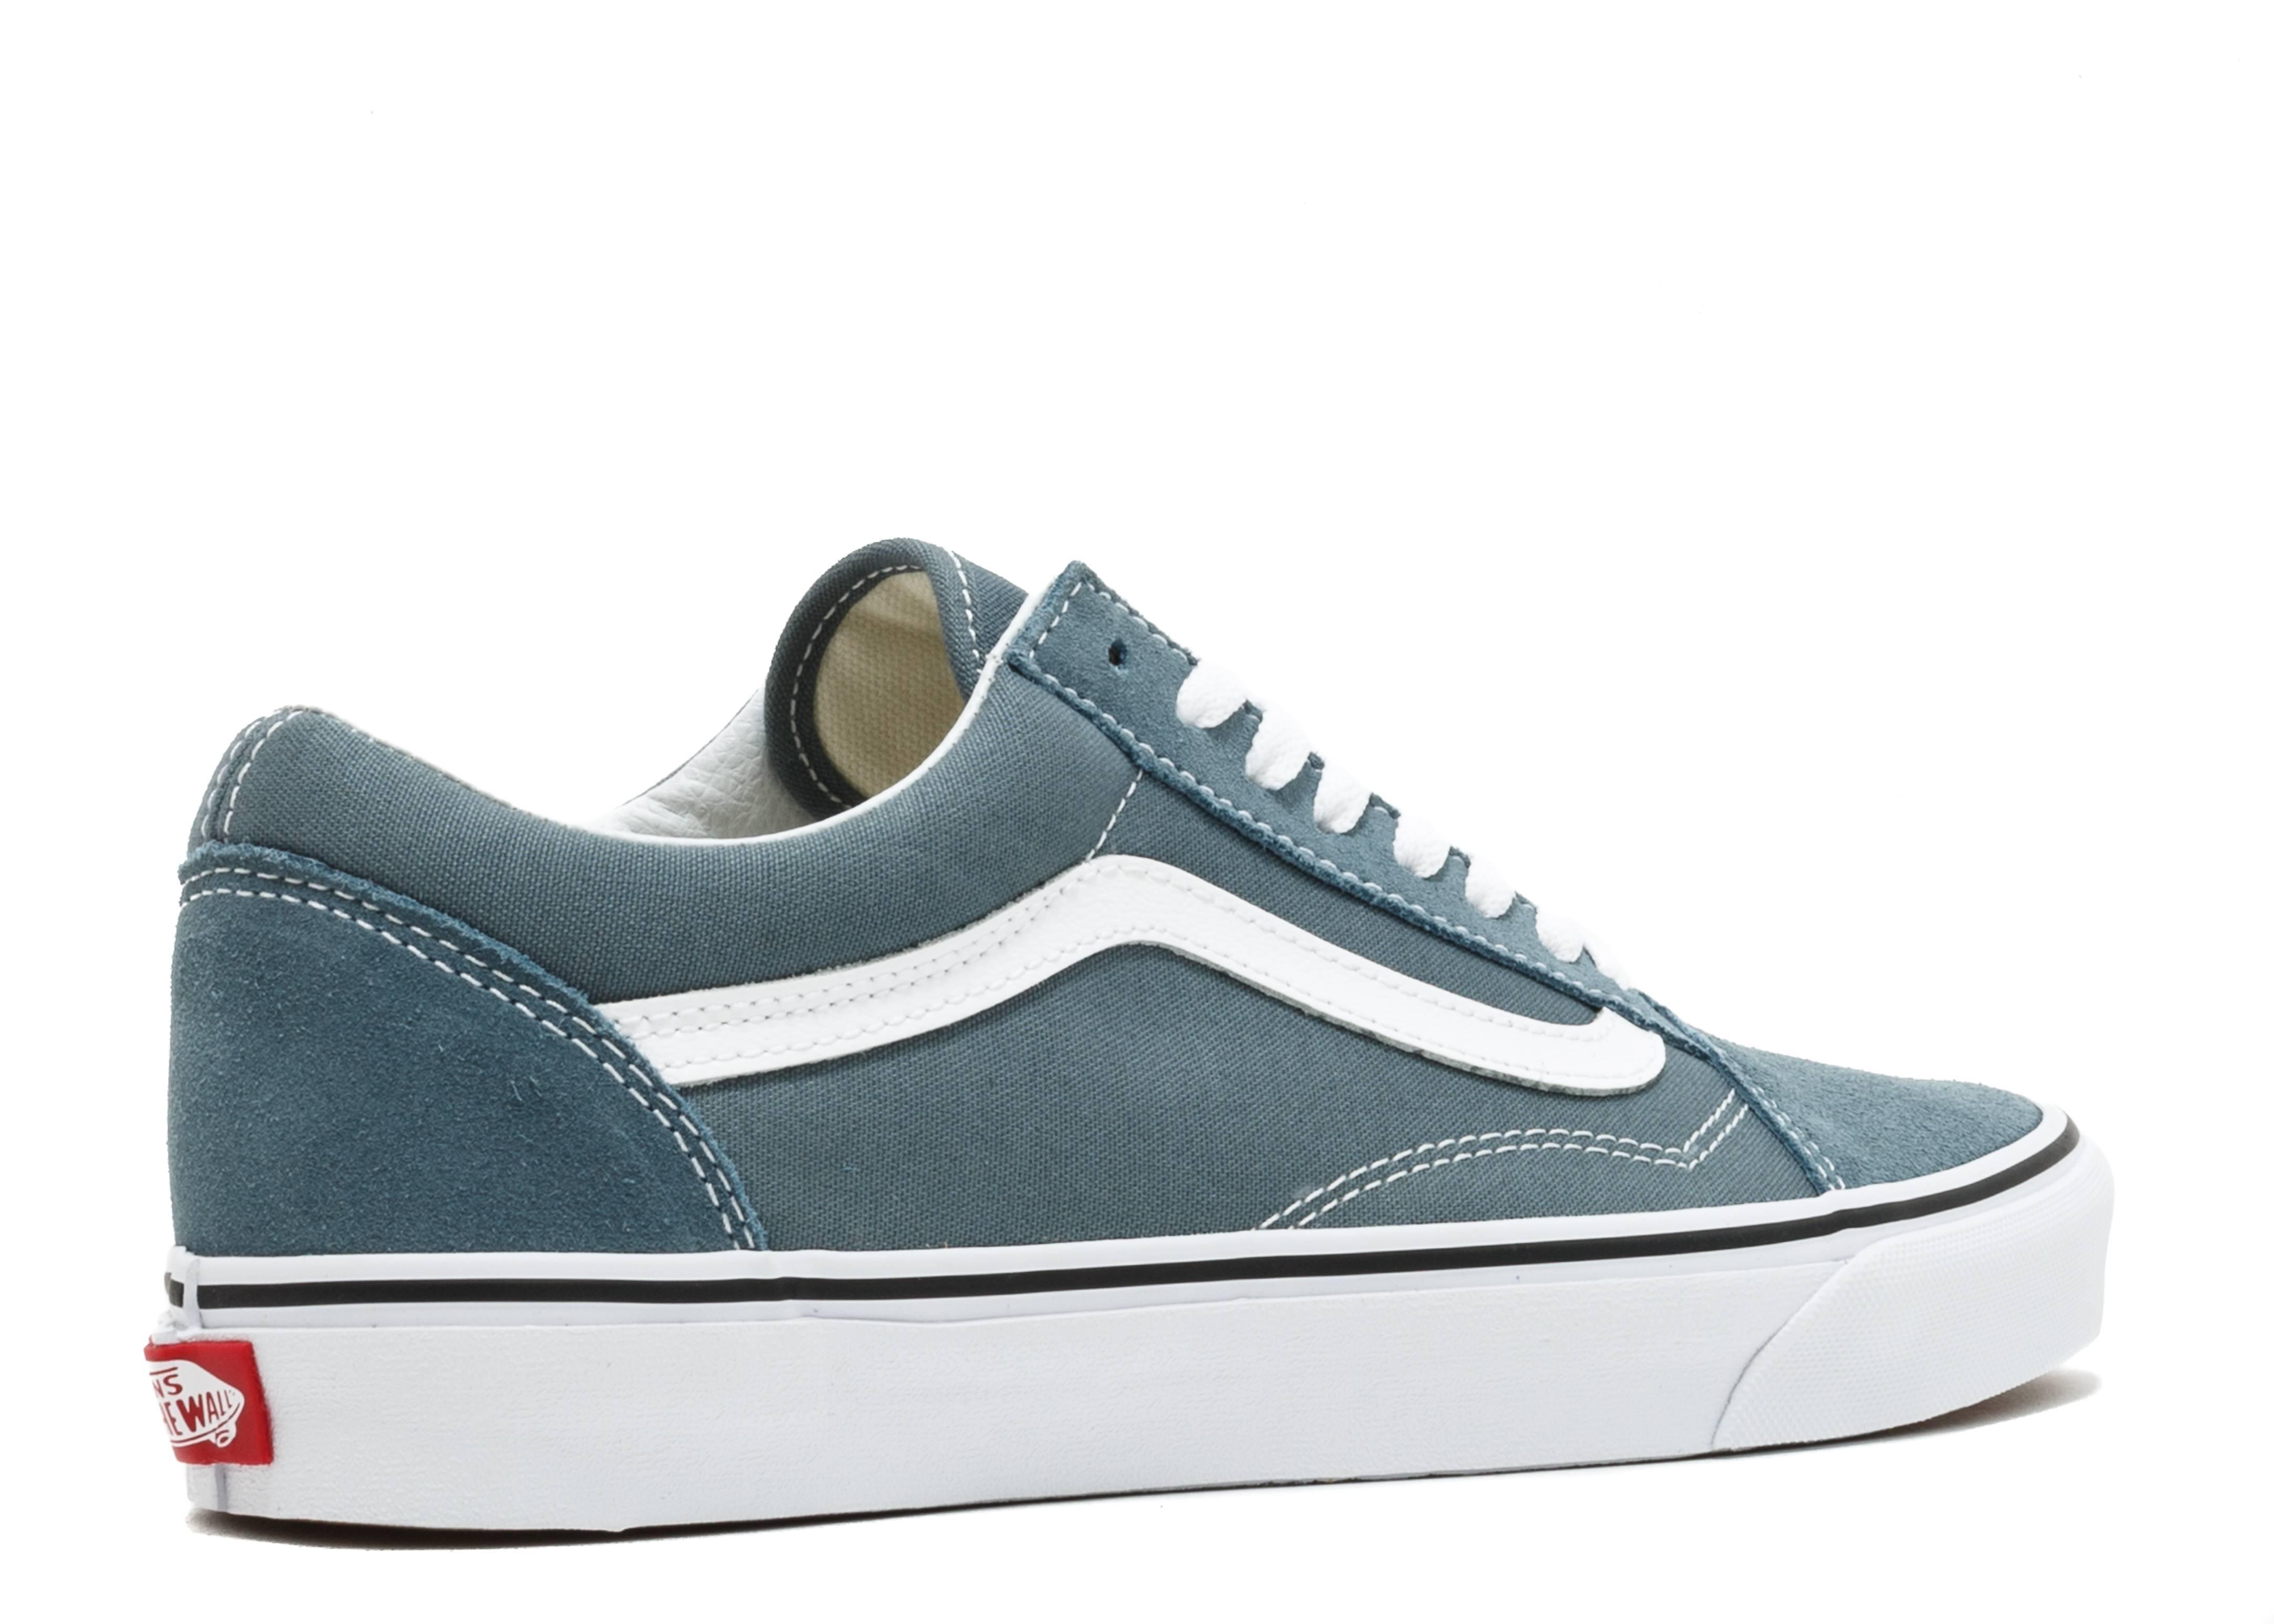 Old Skool - Vans - vn0a38g12lj - goblin blue true white  321254737